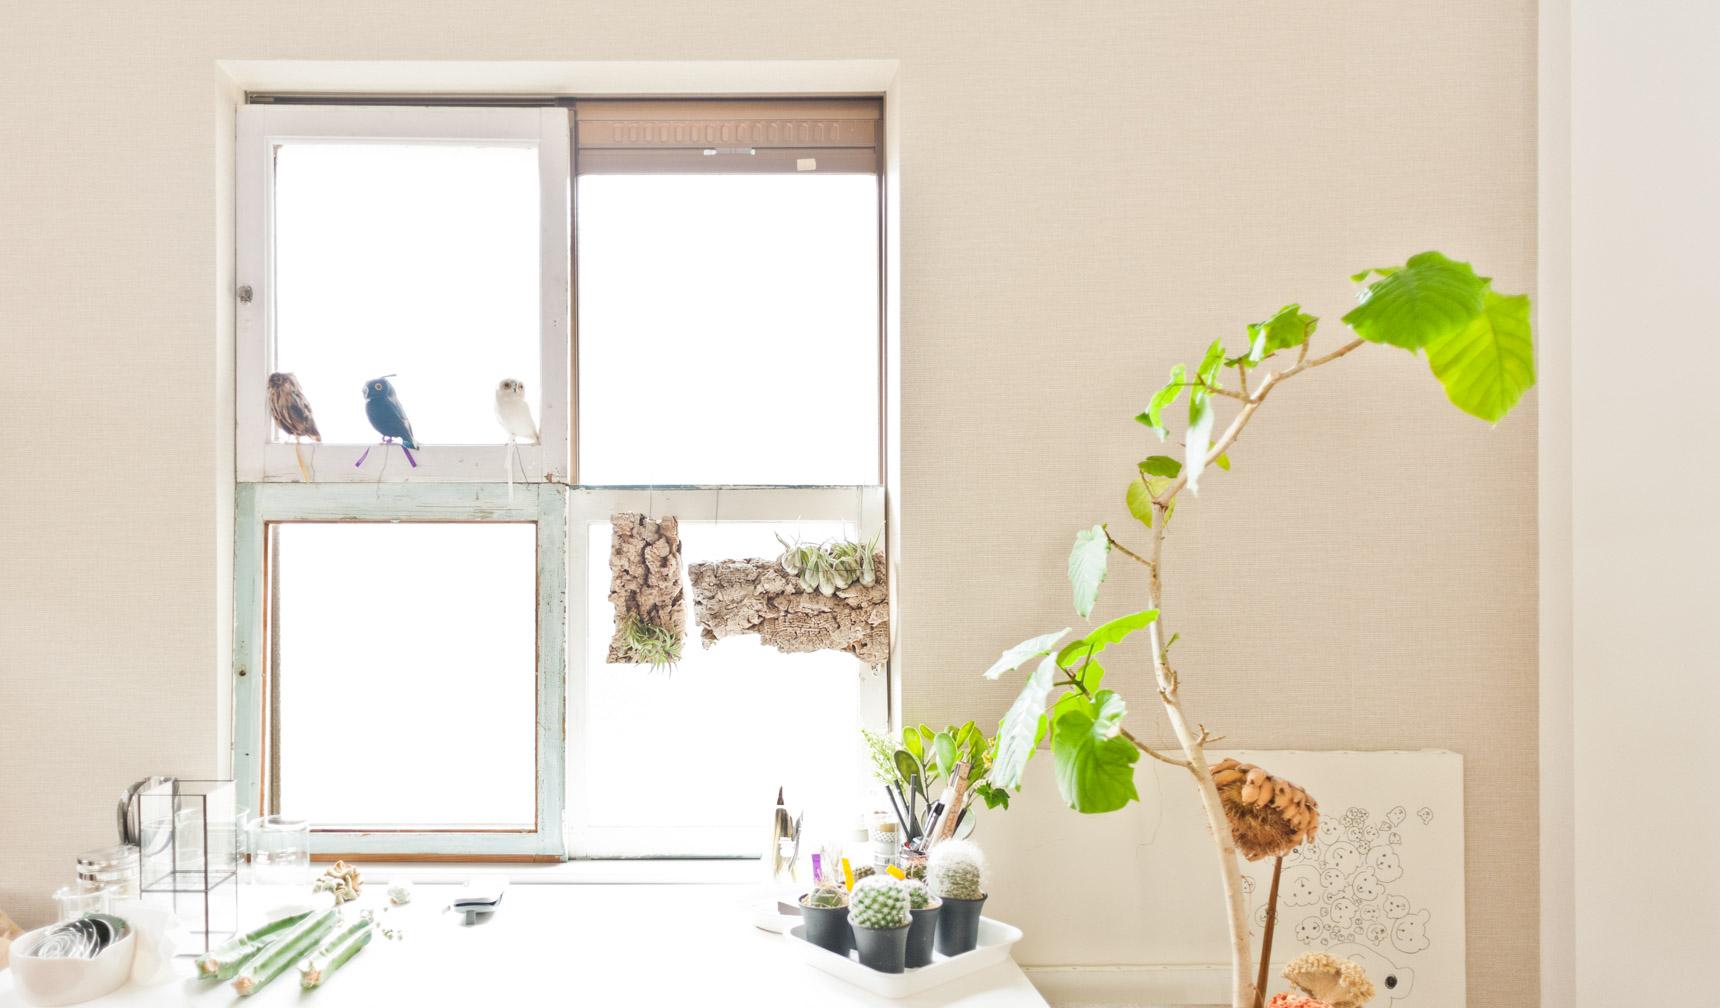 その窓もまたすてき。通常のサッシに木を貼ってる。これいいなあ。